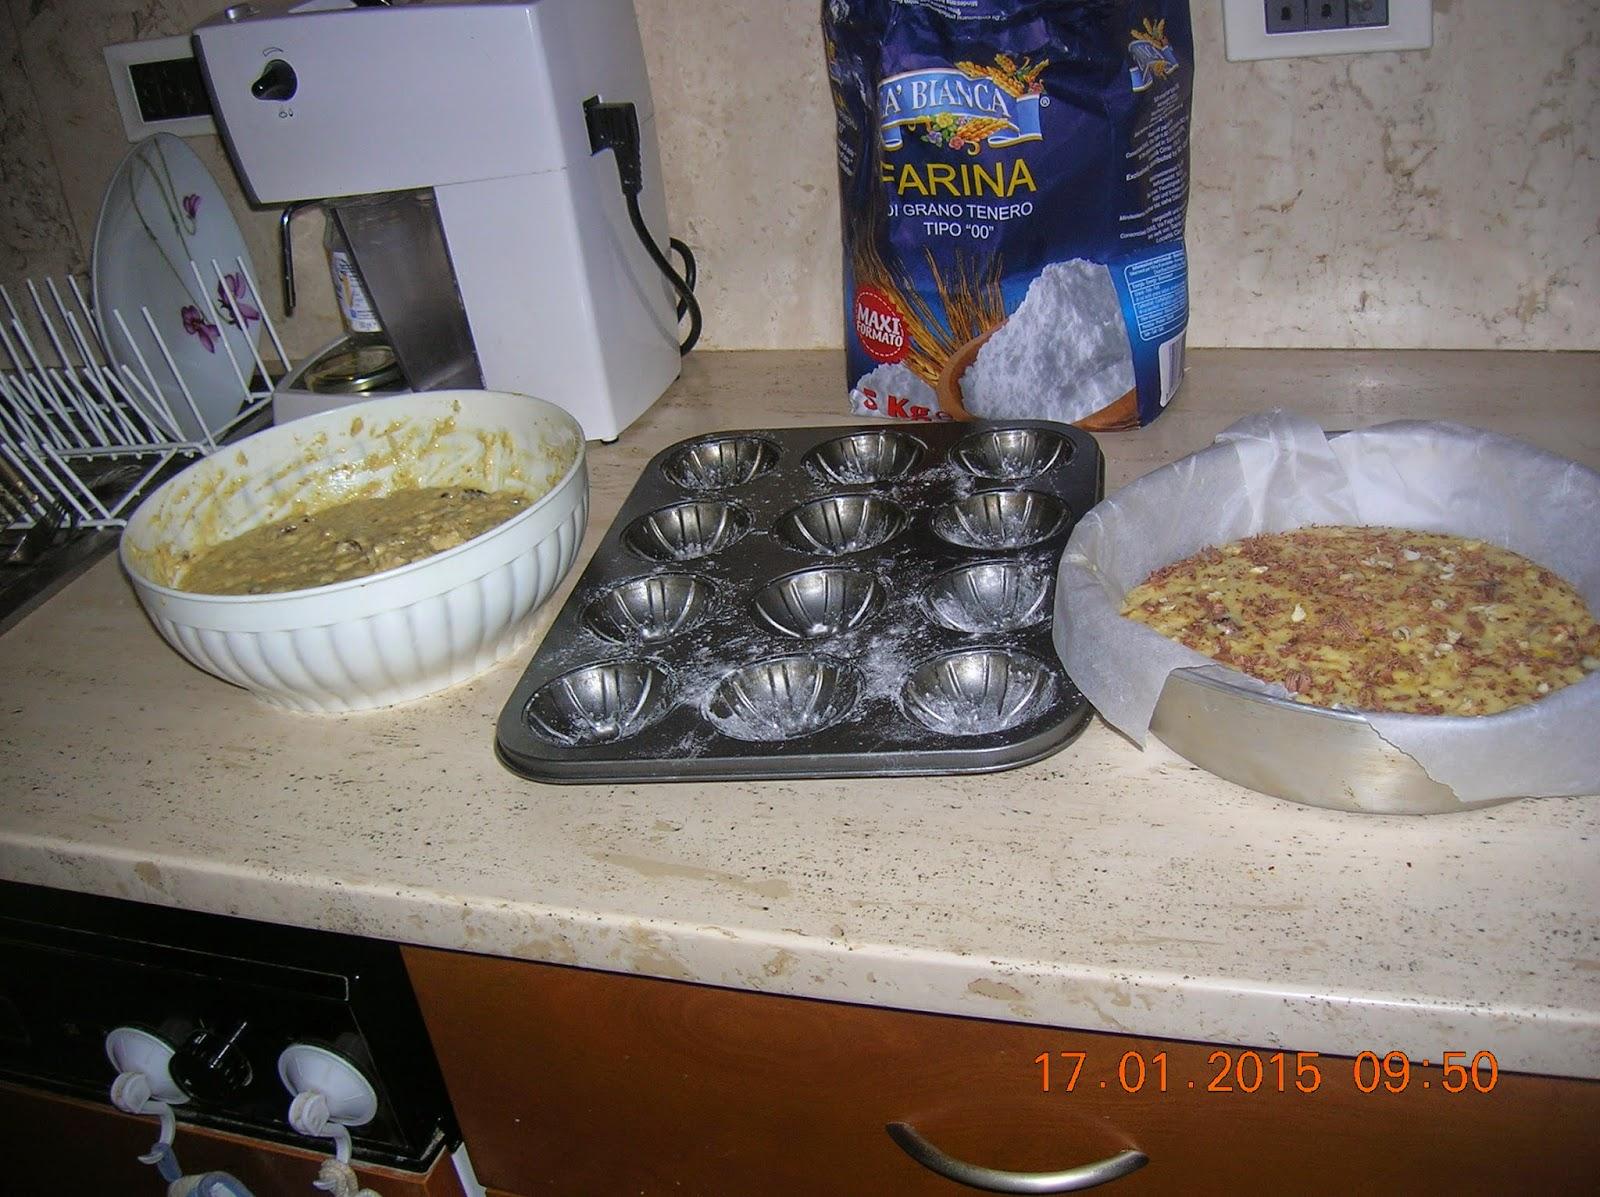 la mia torta di ricotta  e muffin  di panettone... trecce  di farina di mais